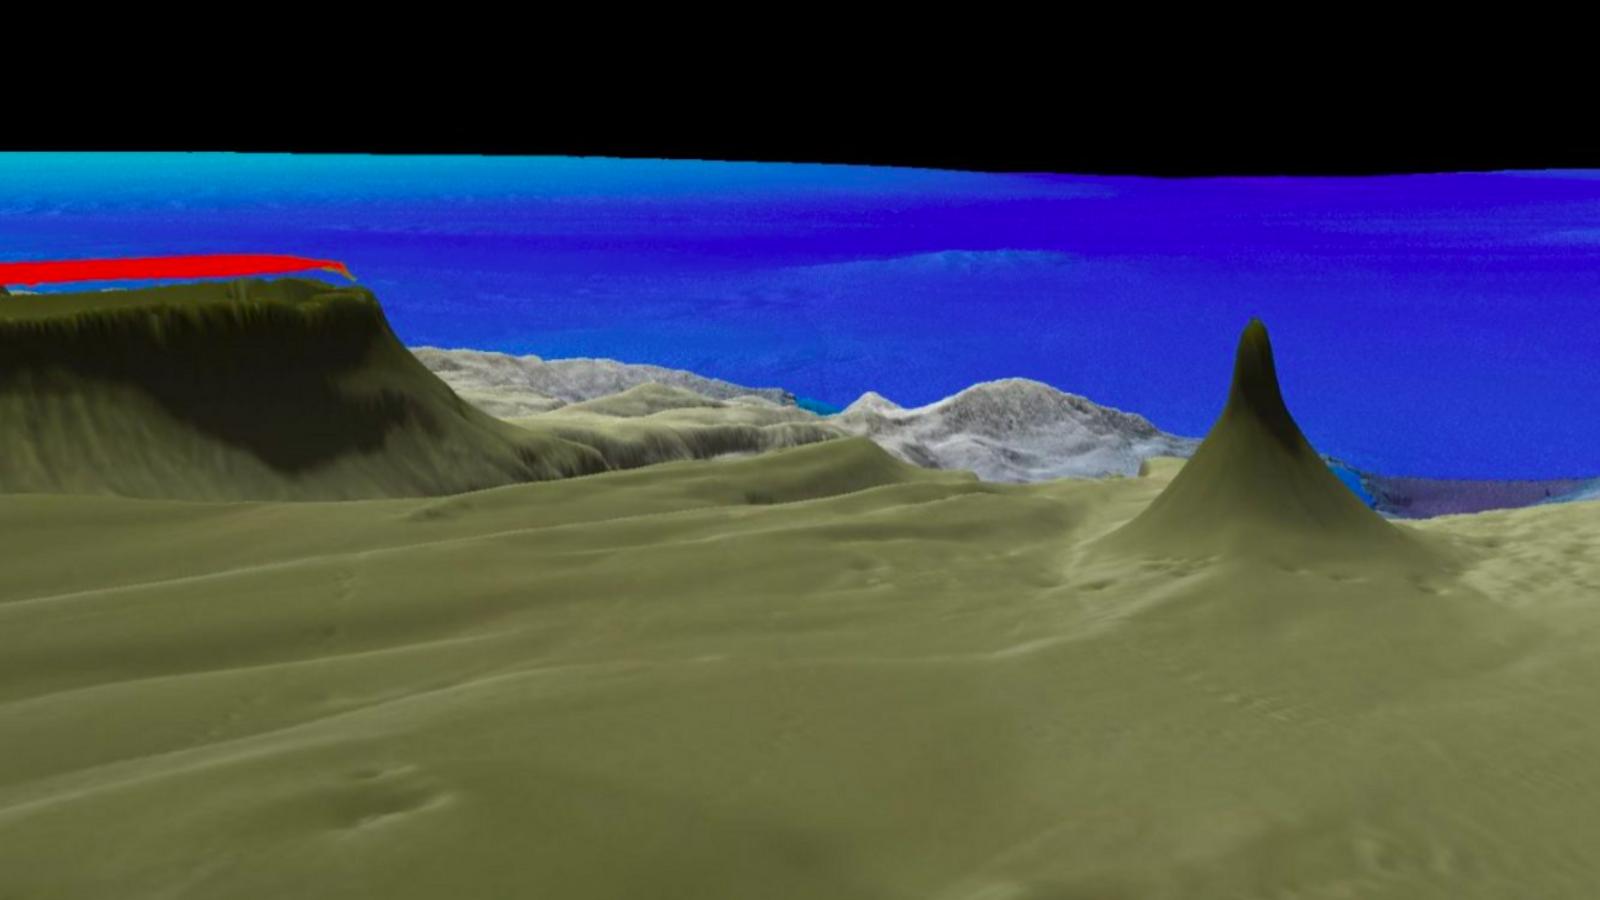 Representació de l'escull de corall trobat a la Gran Barrera d'Austràlia